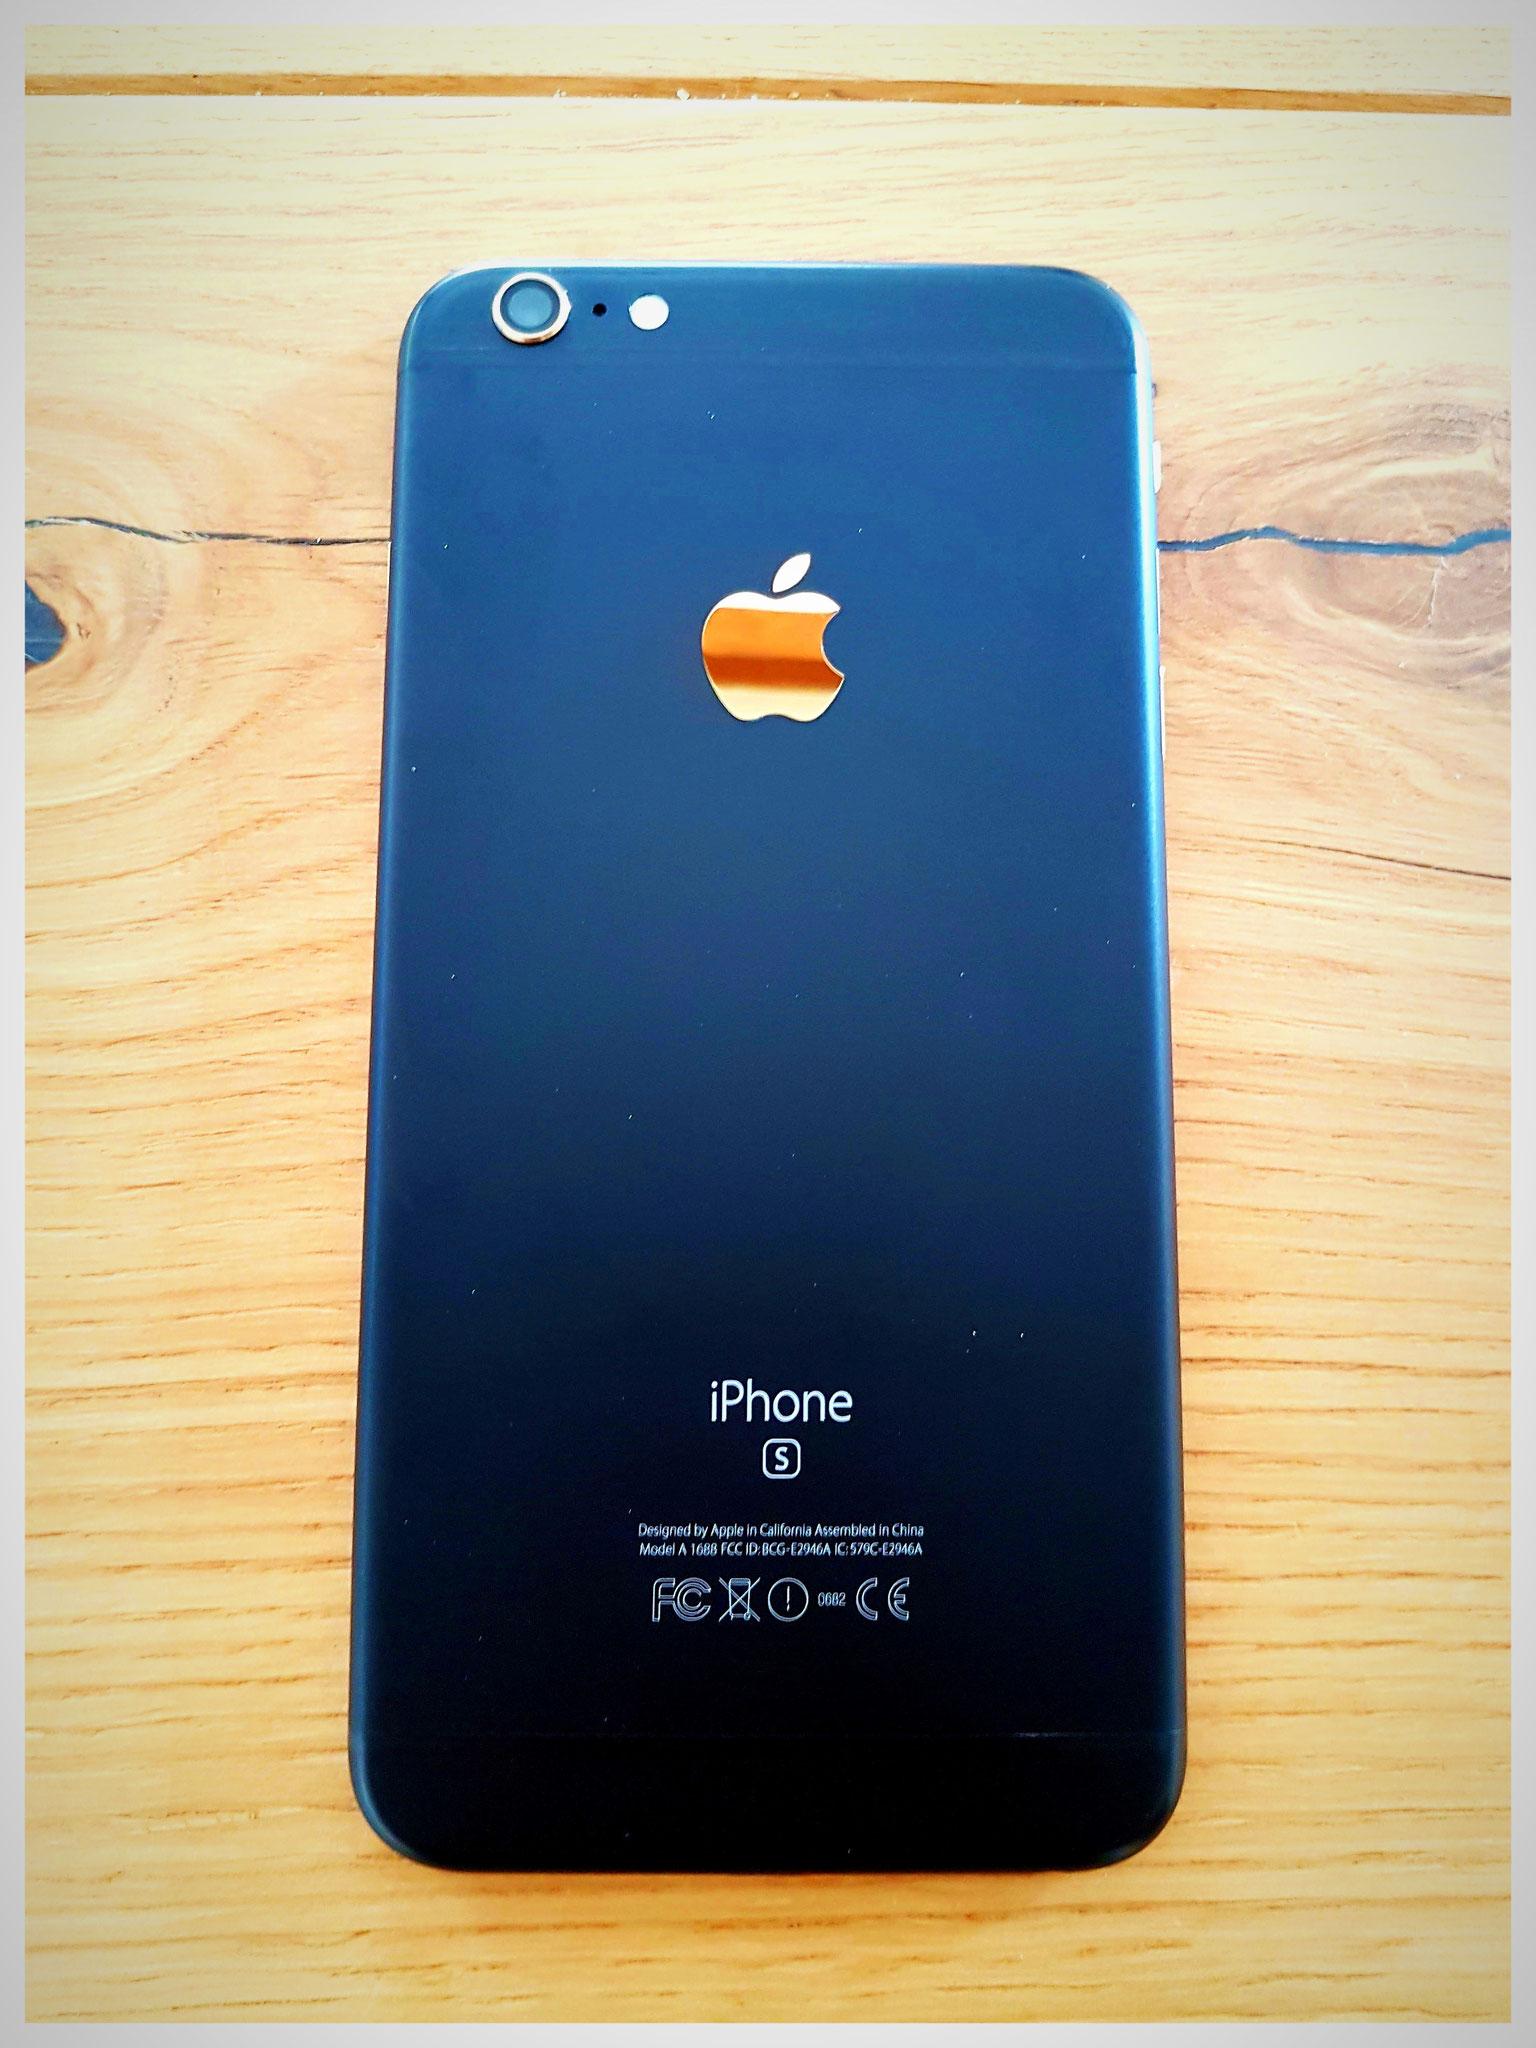 Auch Ihr iPhone könnte bald ein Unikat sein!